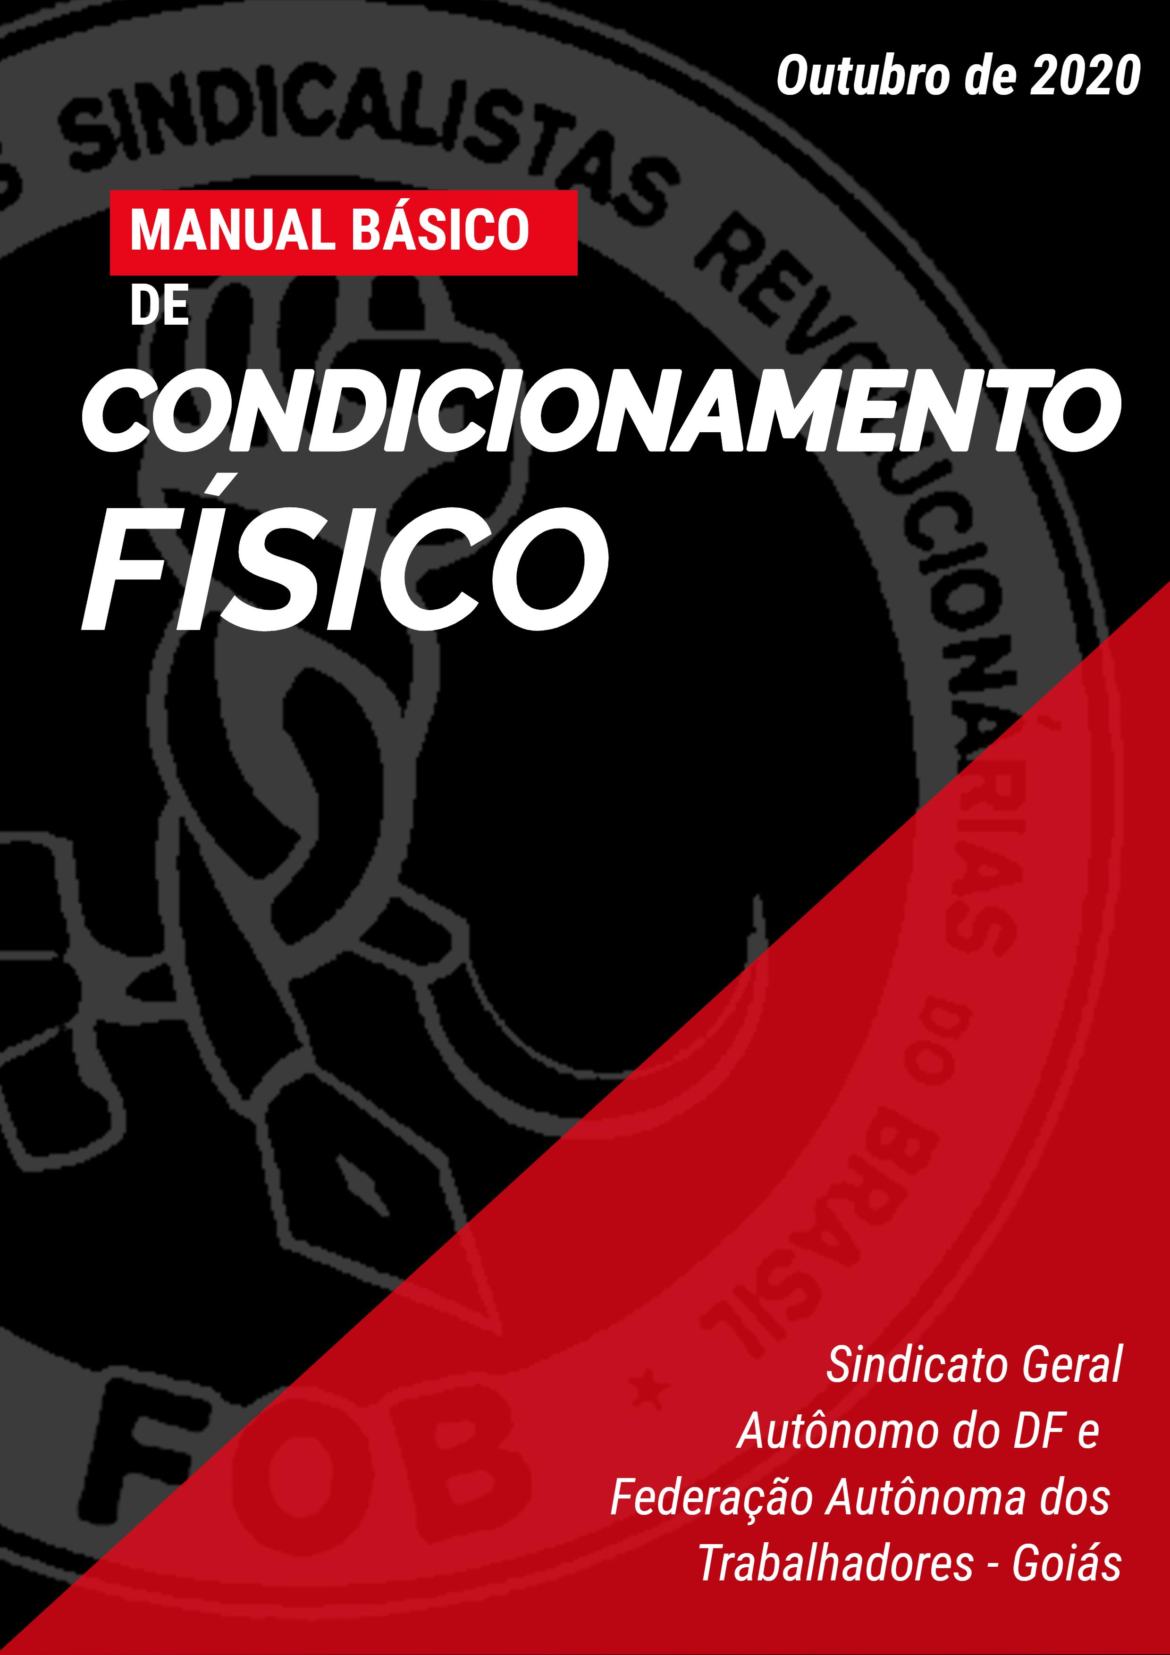 Manual básico de Condicionamento Físico